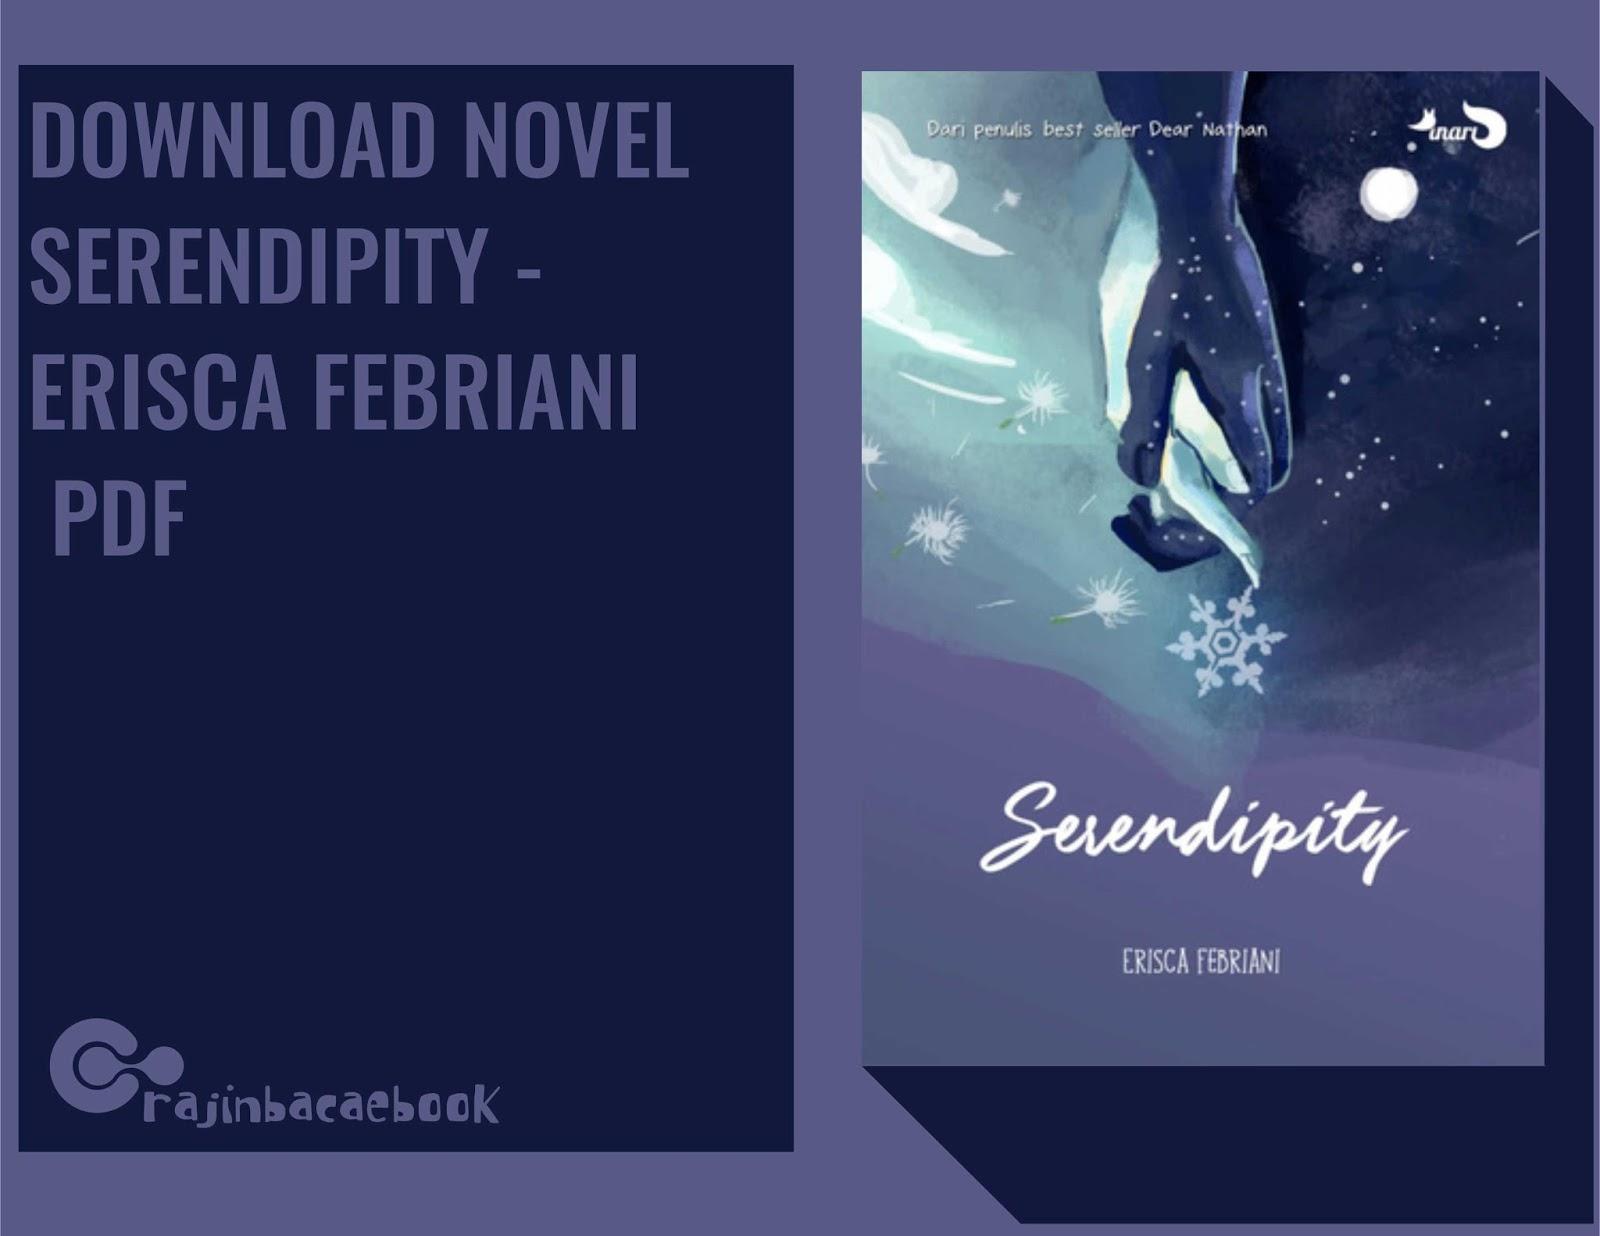 download novel melodylan asriaci pdf